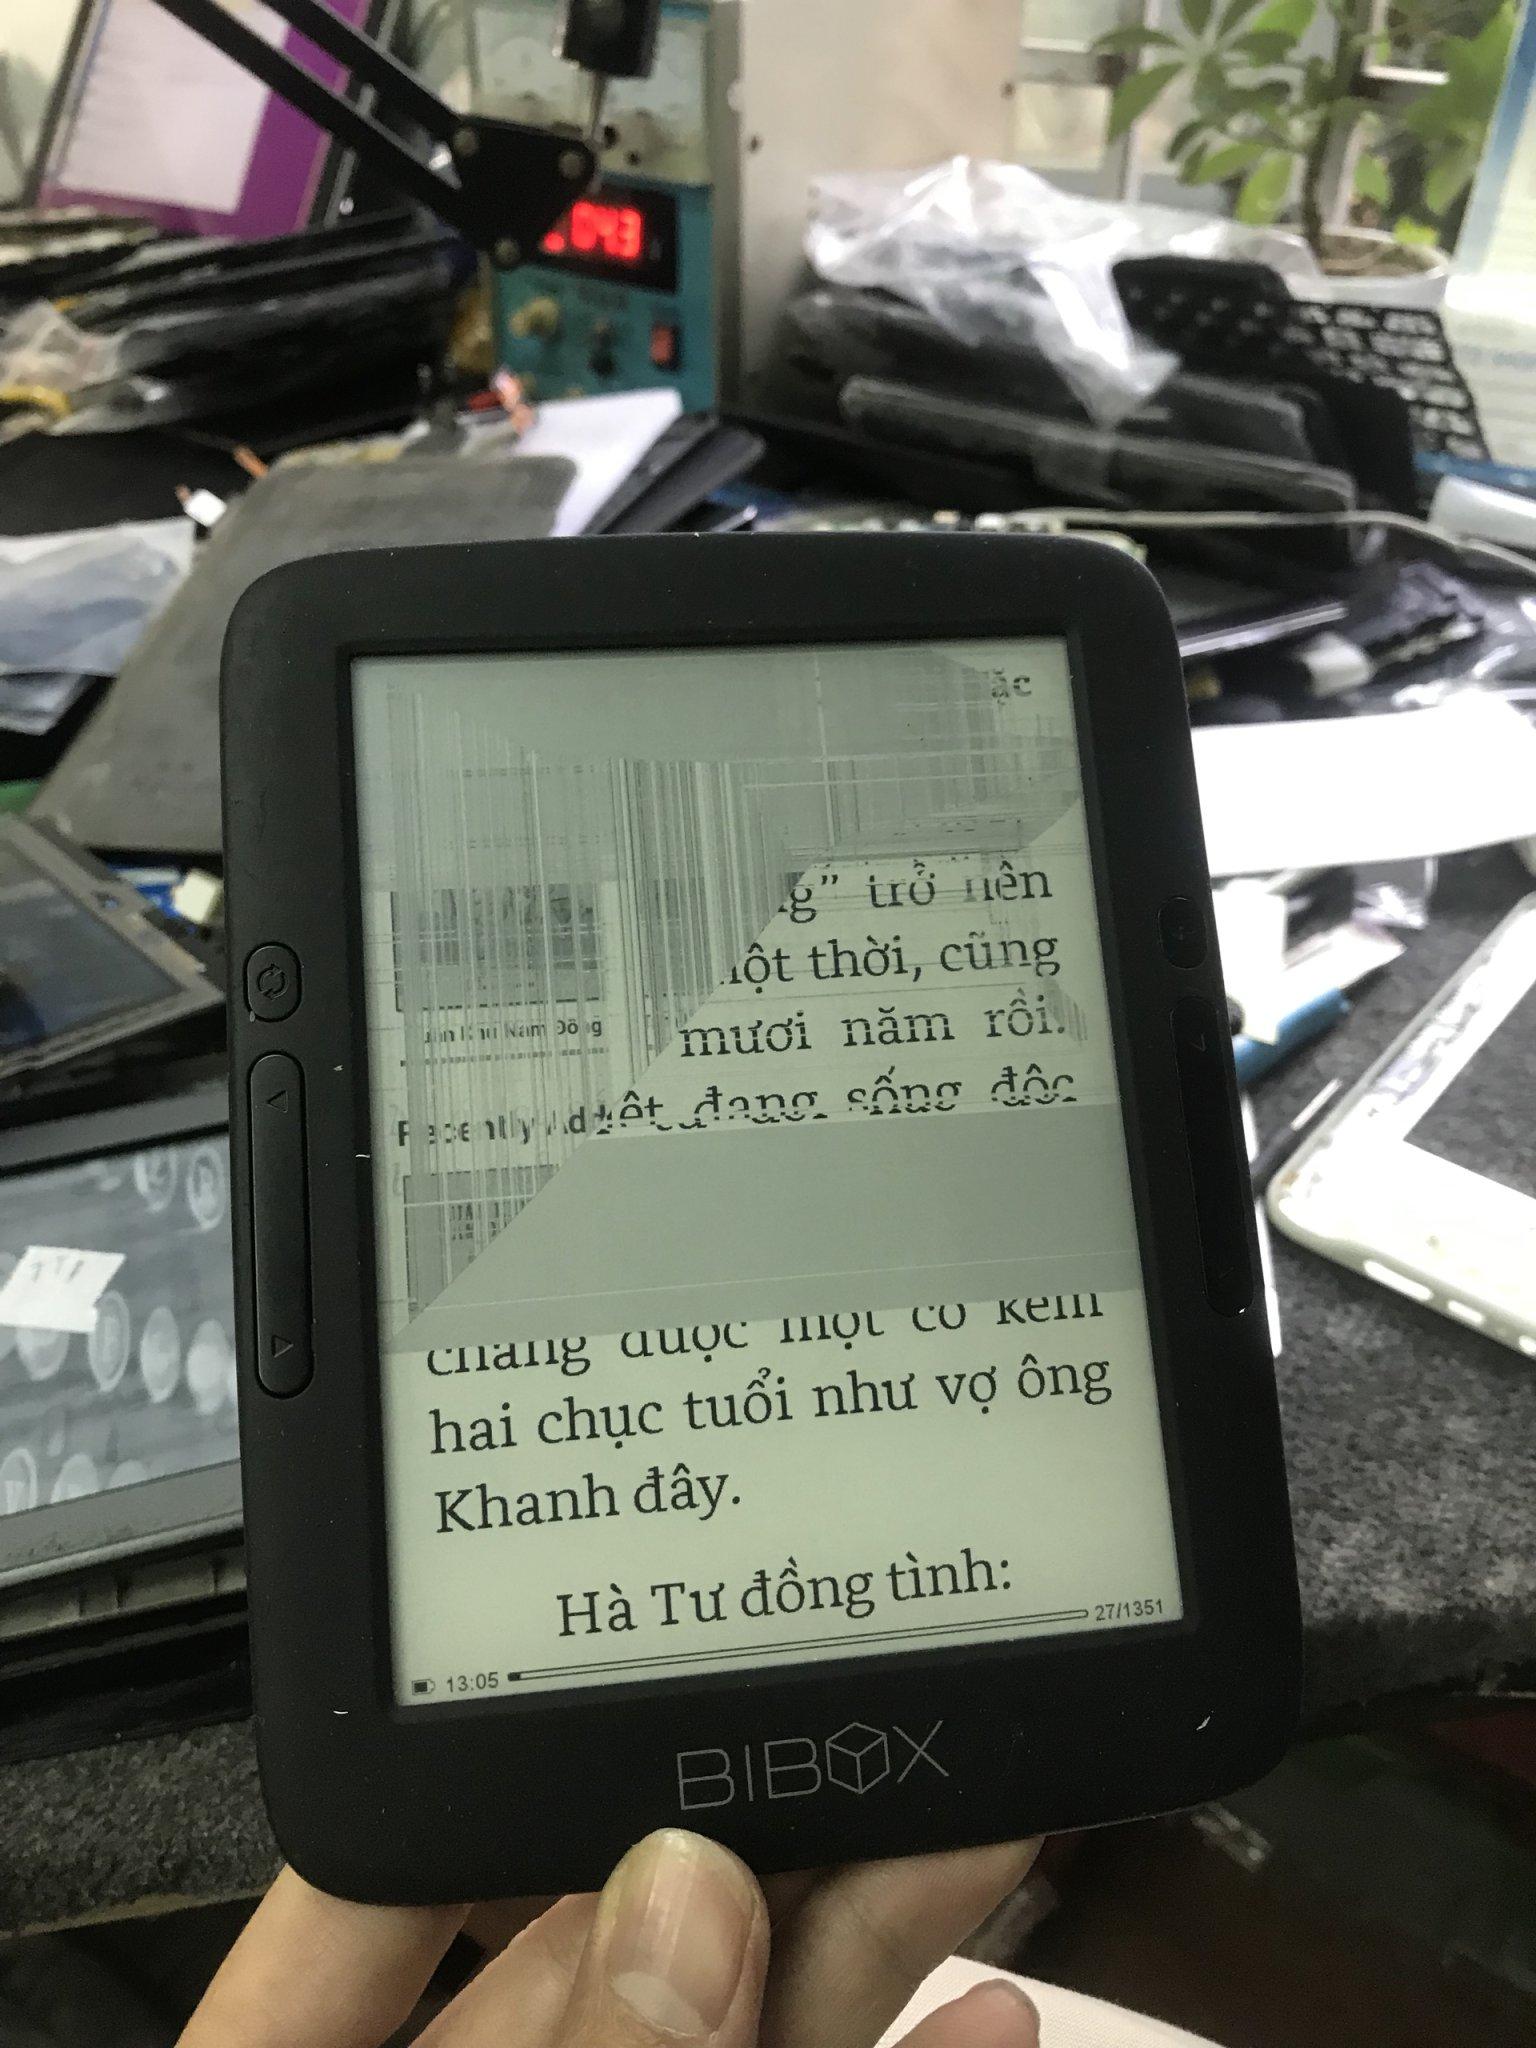 Thay màn hình máy đọc sách Bibox